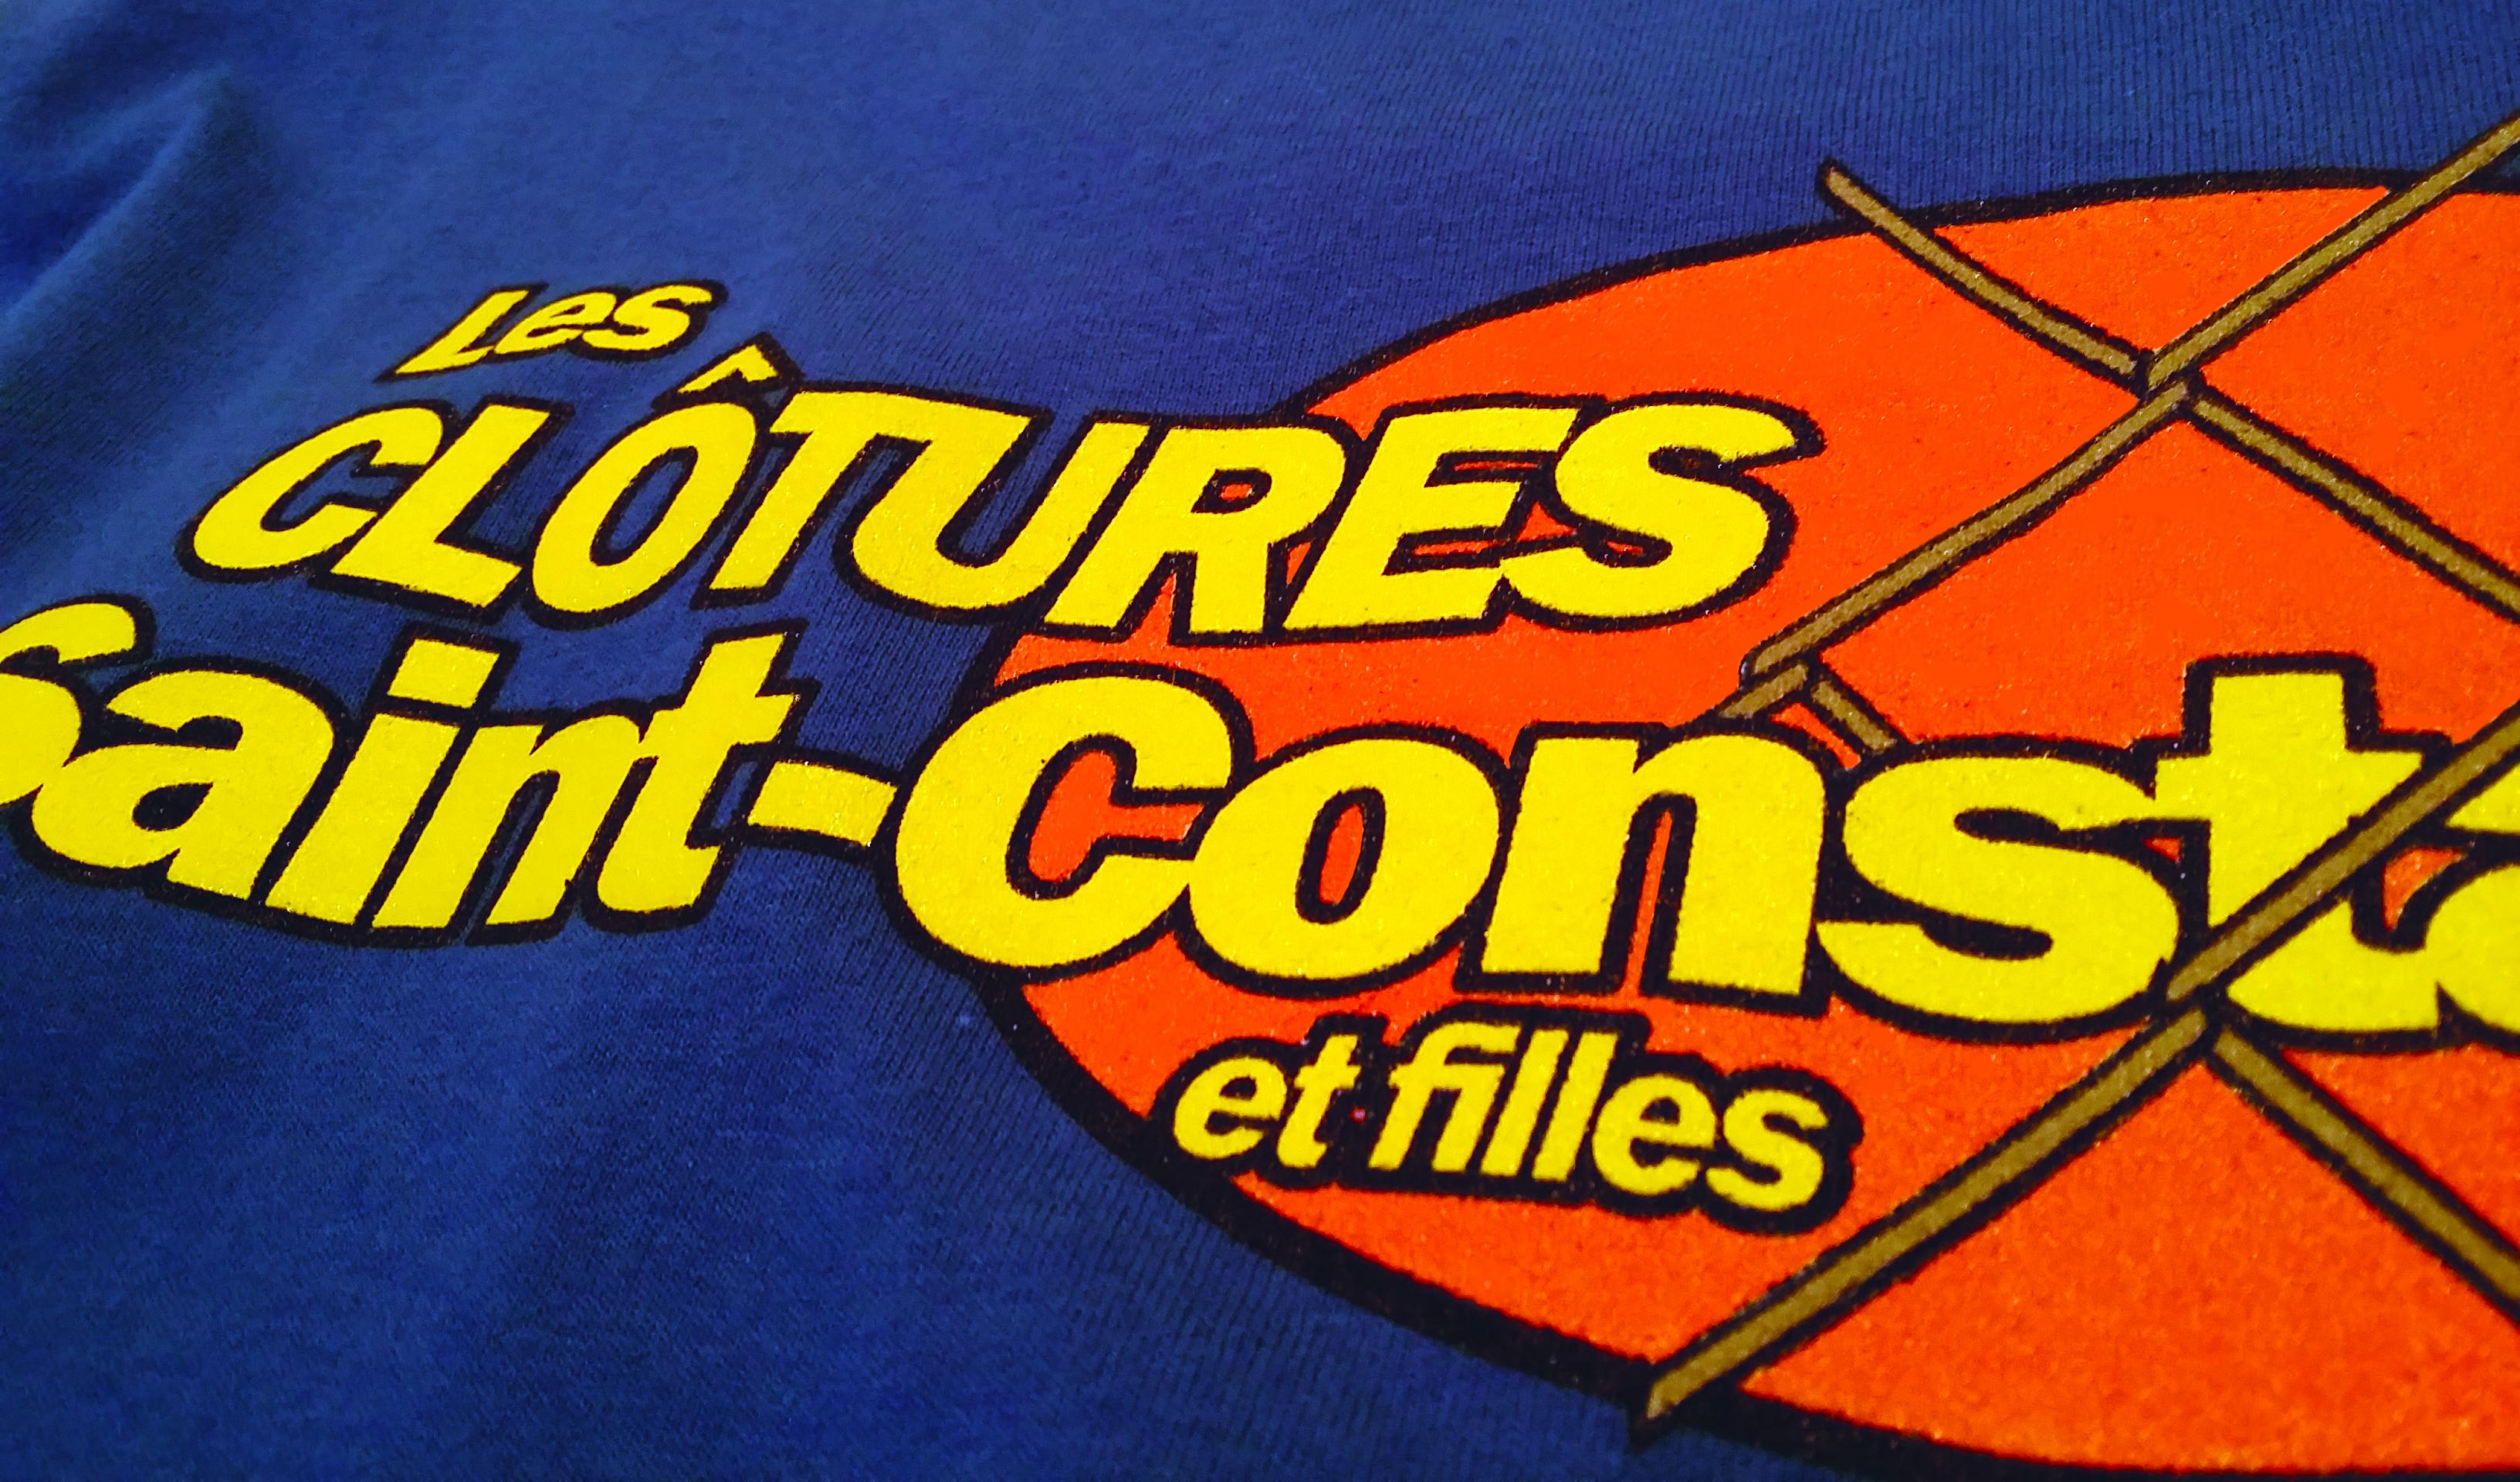 Les Clotures Saint-Constant